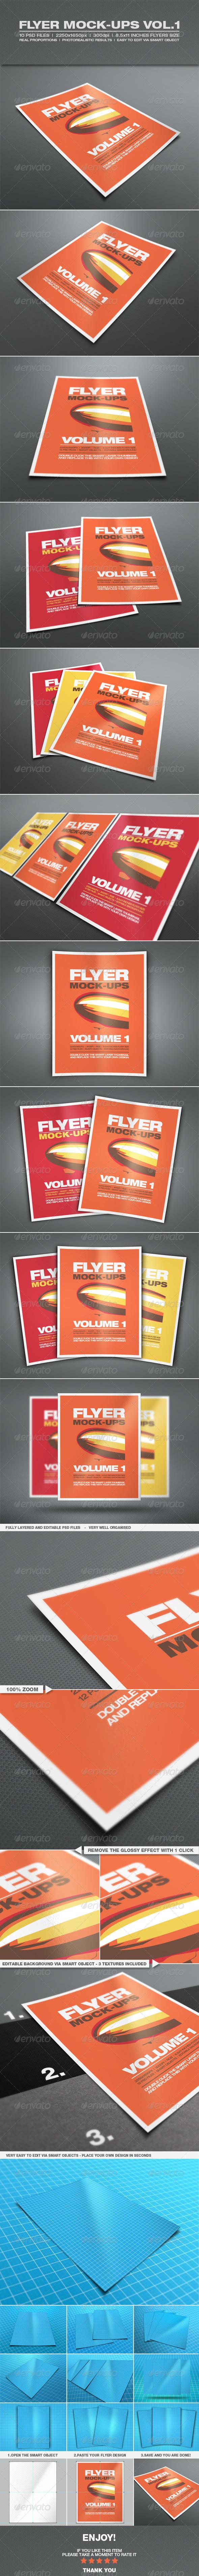 GraphicRiver Flyer Mock-up Vol.1 6681753